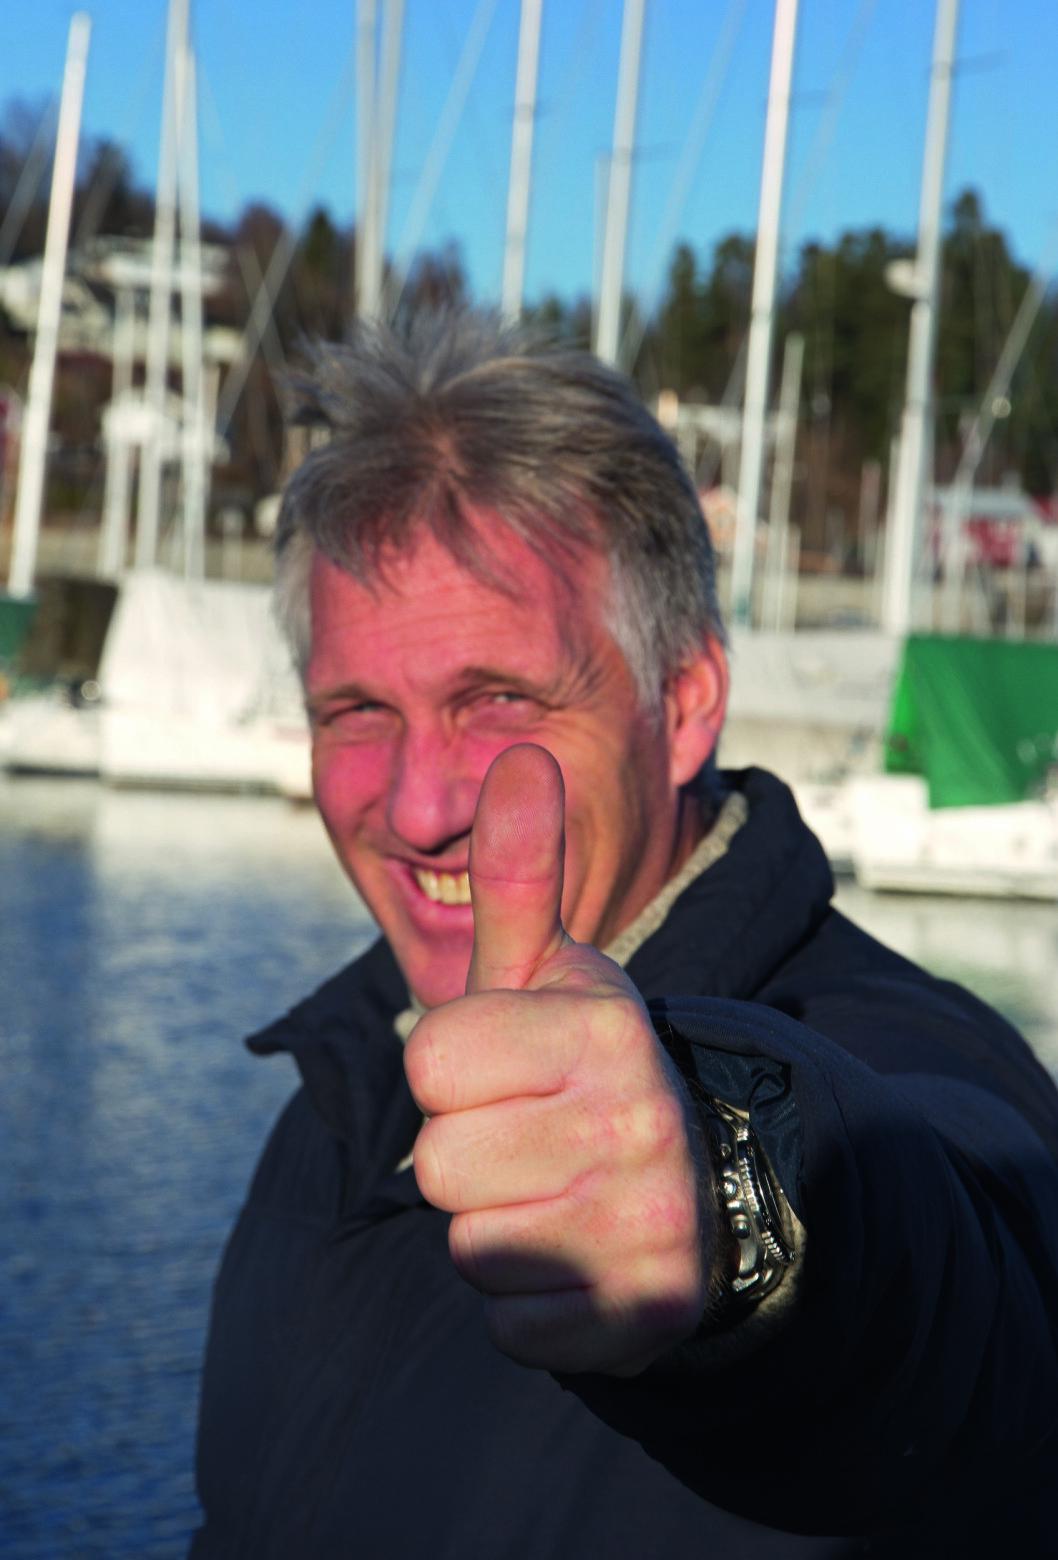 ENDRING: Seilsporten er i endring, mener Espen Guttormsen.